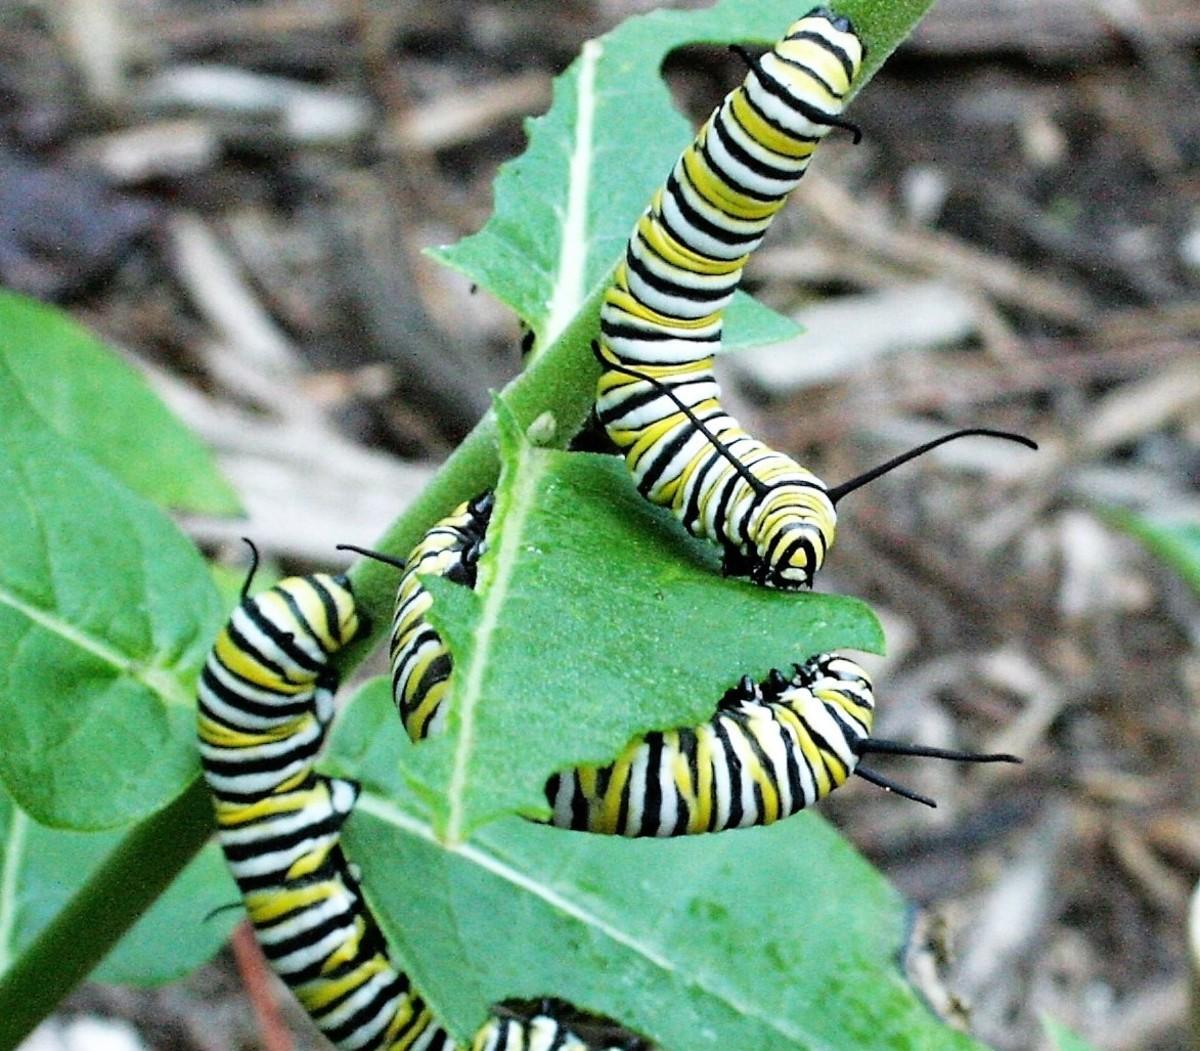 Monarch caterpillars feed on milkweed.